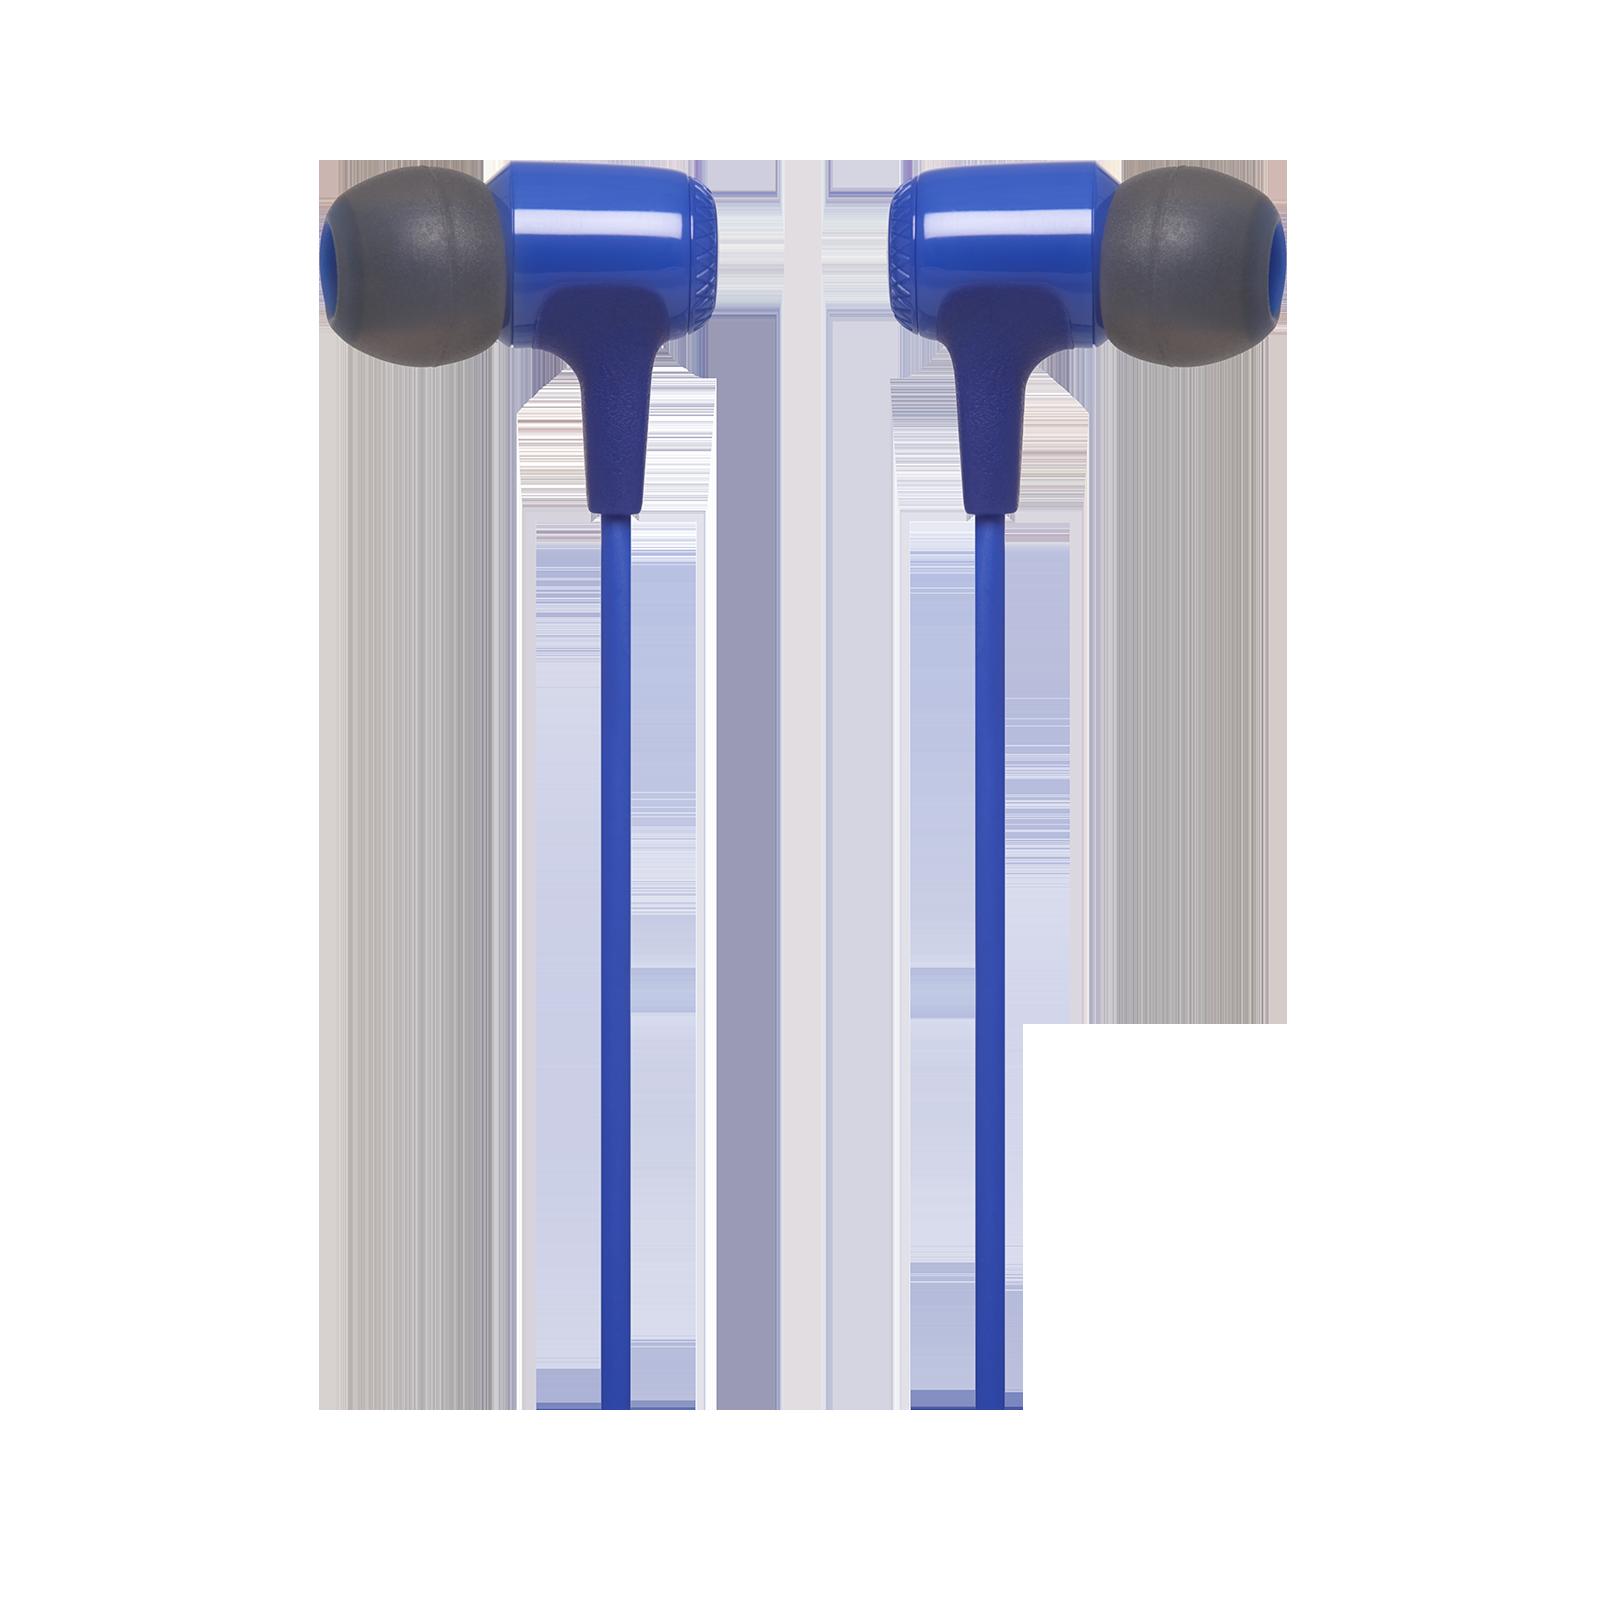 E15 - Blue - In-ear headphones - Detailshot 1